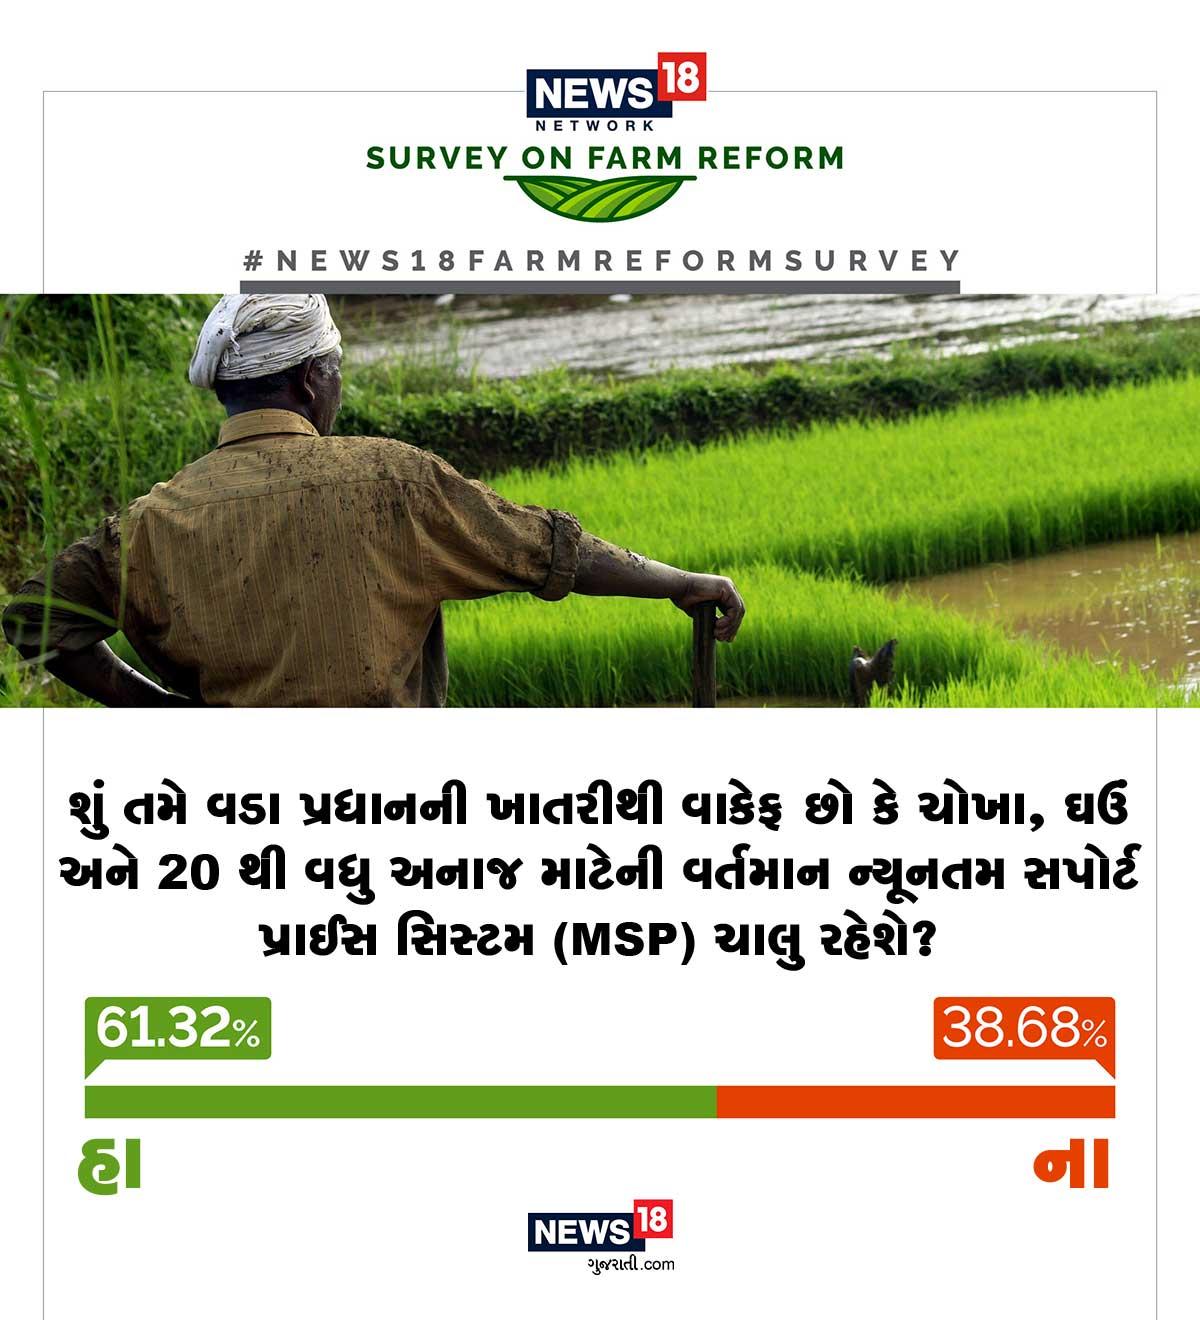 એએમએસપી બંધ થઈ જશે અને ખેડૂતોને પોષમક્ષમ ભવો નહીં મળે તેવો ભ્રમ ફેલાવવામાં આવી રહ્યો હોવાનું સરકાર કહી રહી છે. તેવામાં 61.32% ઉત્તરદાતાઓ માને છે કે એમએસપી શરૂ રહેશે.